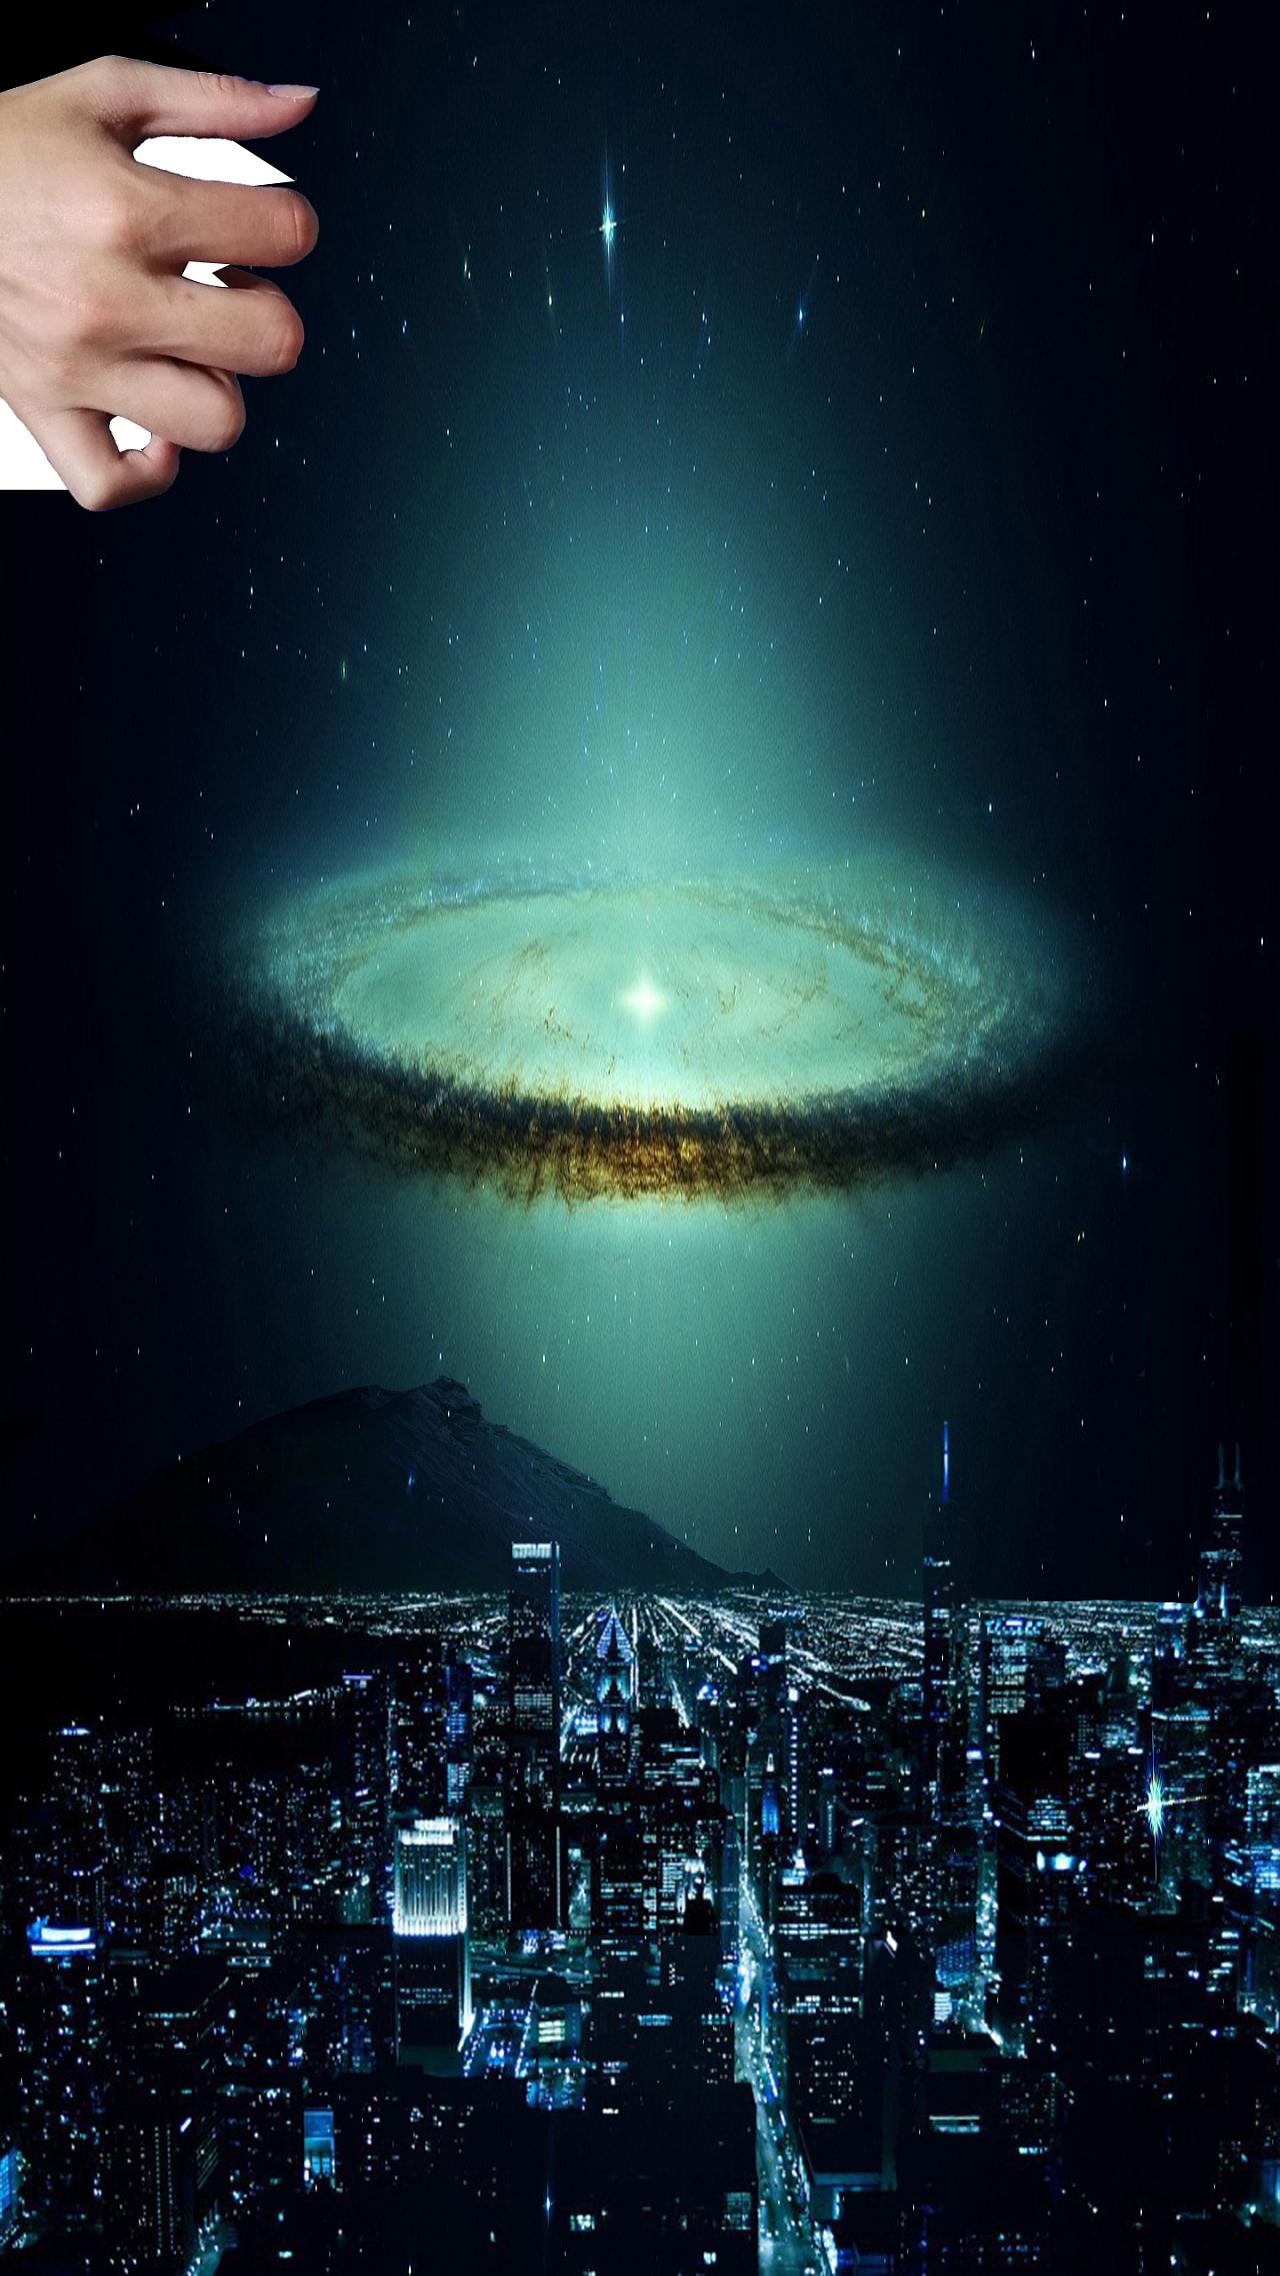 每一个生命个体组成的城市,正如每一个太空尘埃所组成的宇宙.